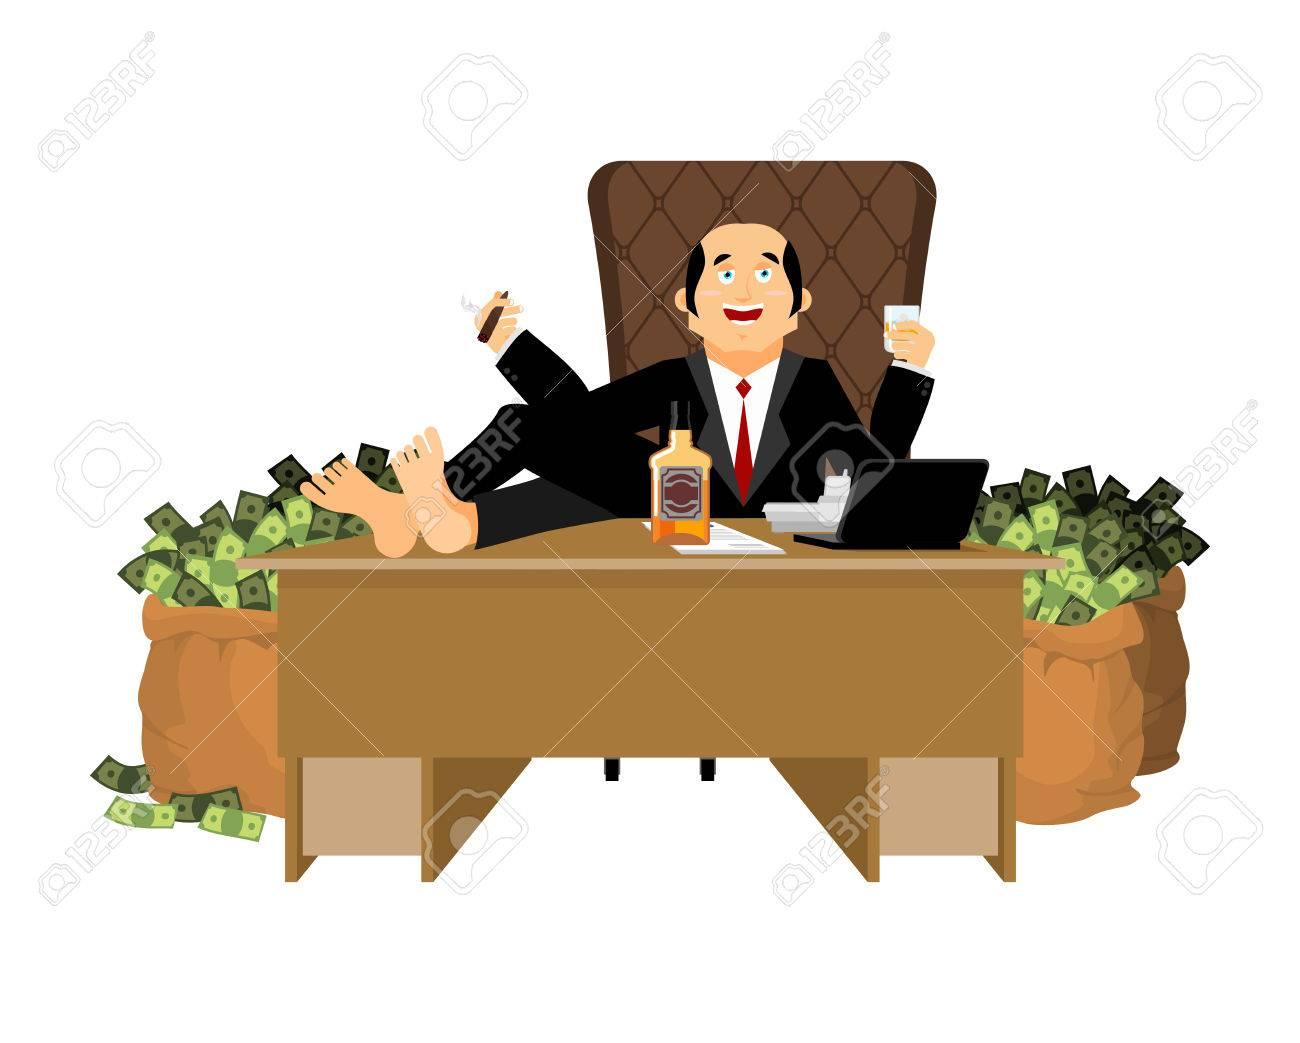 PatronAffaires Boit À WhiskyFumer Un CigarePlutocrate Argent Riche Homme Et SacGrand Du D'argent Est Beaucoup Table Assis DH2IE9